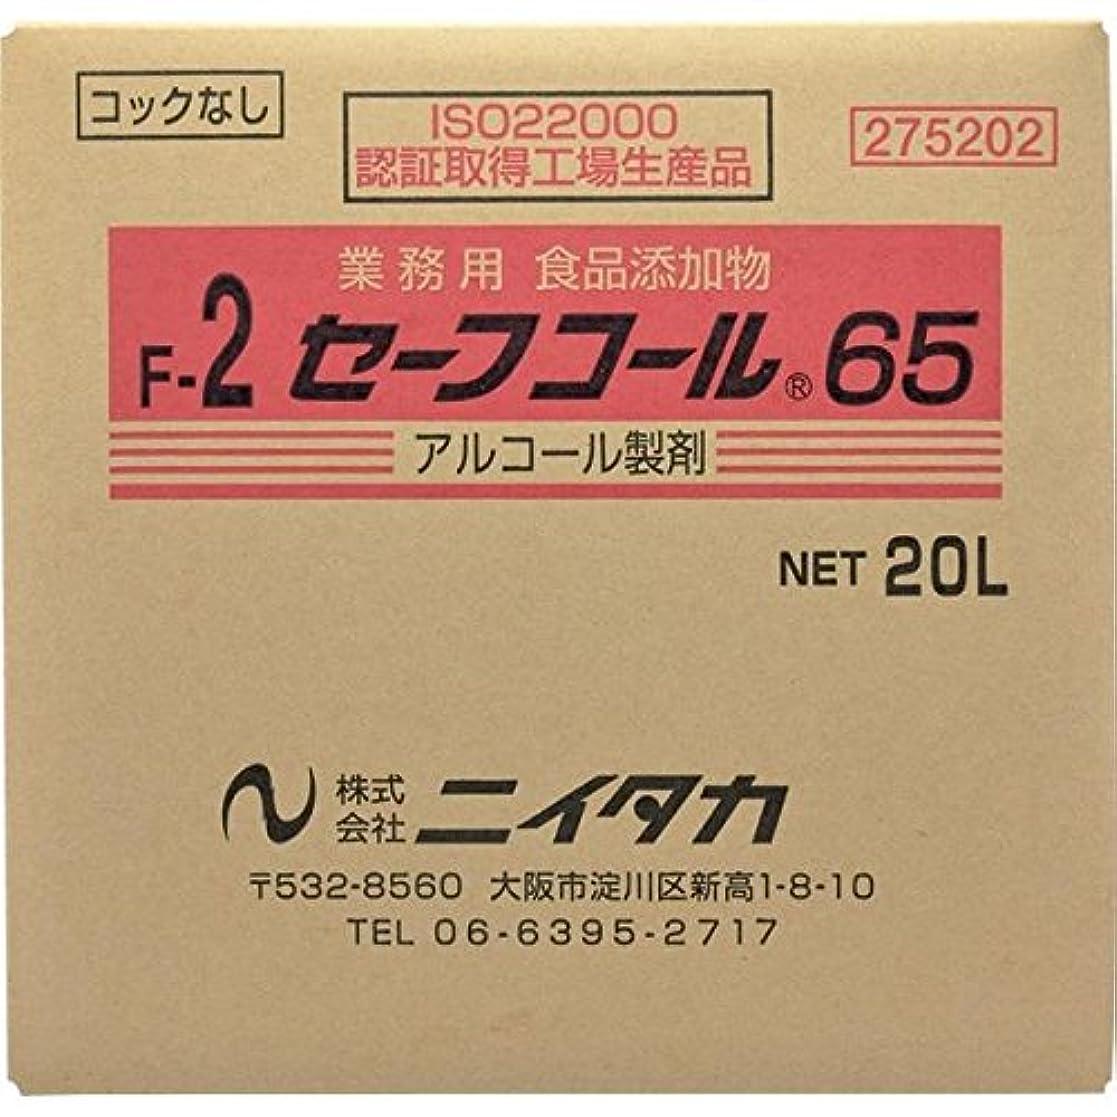 おじいちゃん事前に変化ニイタカ:セーフコール65(F-2) 20L(BIB) 275202